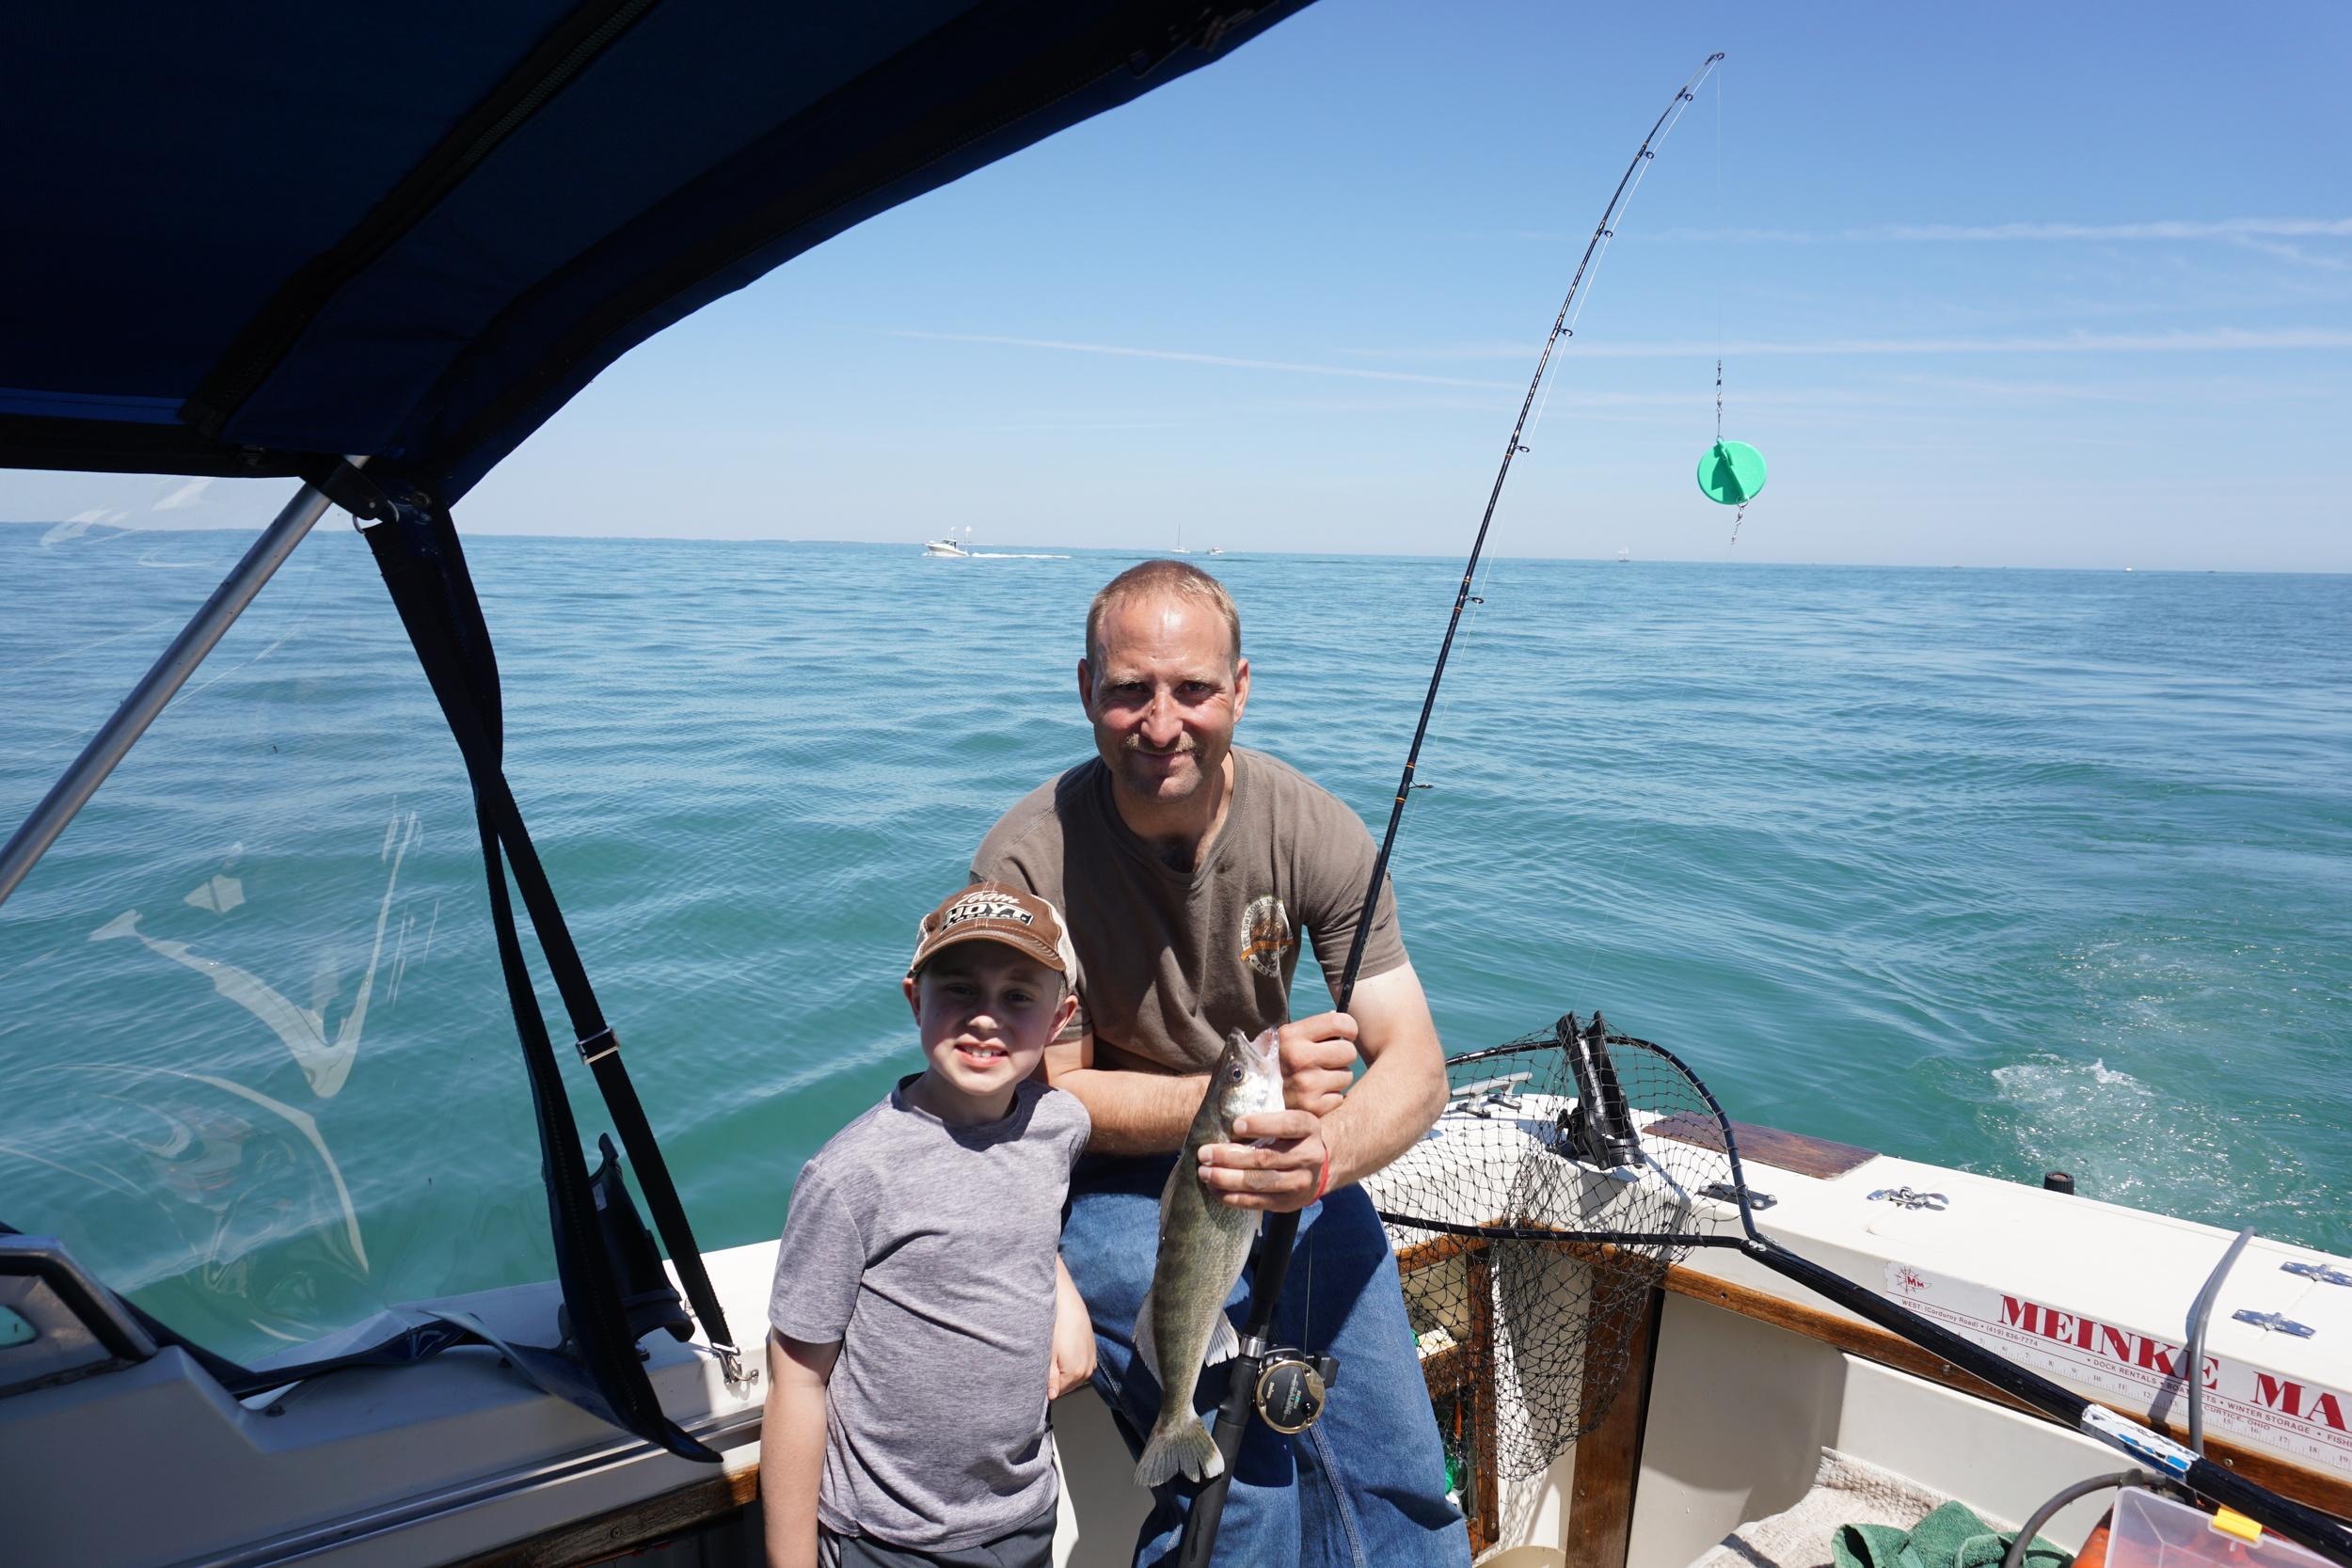 B and Dad Fishing.jpg.jpg